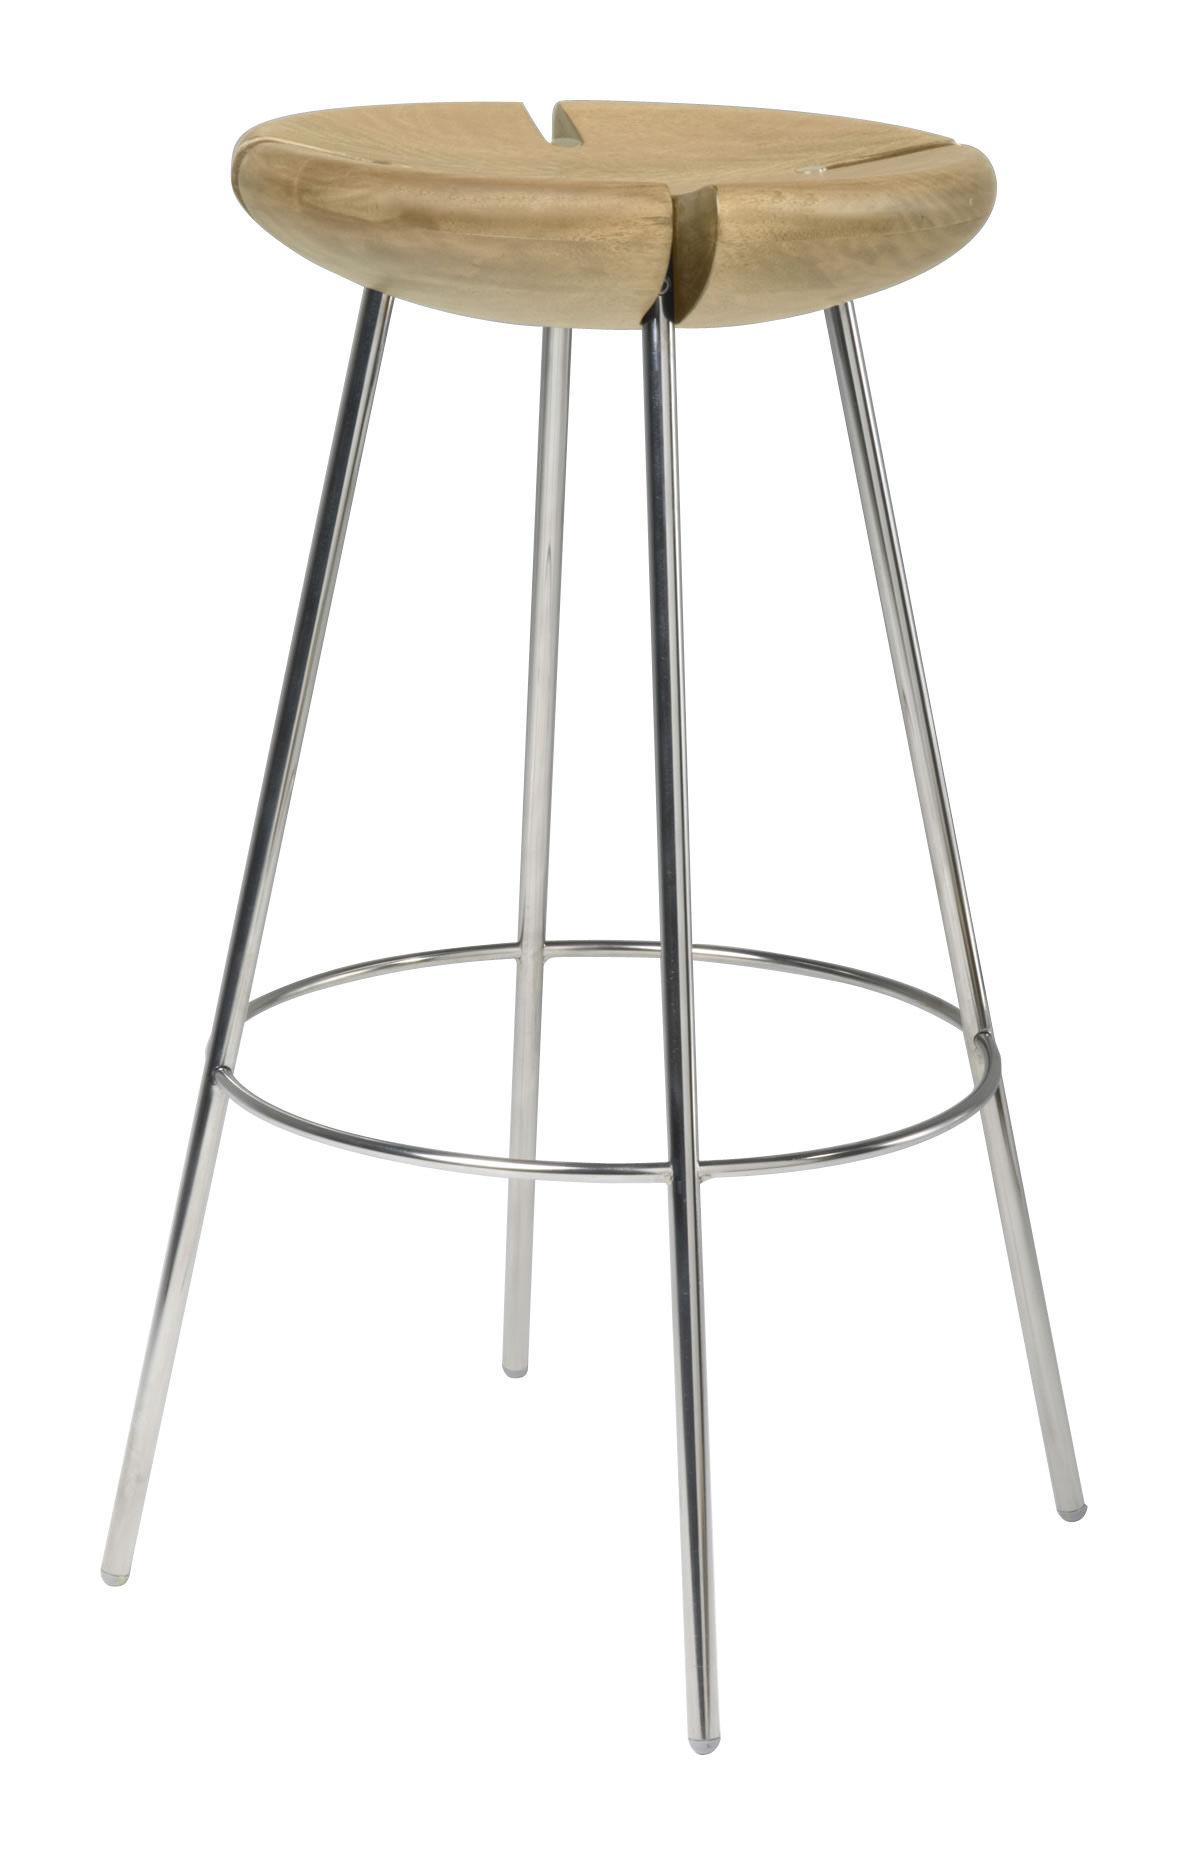 Tribo Bar Stool H 76 Cm Wood Amp Metal Legs Solid Oak